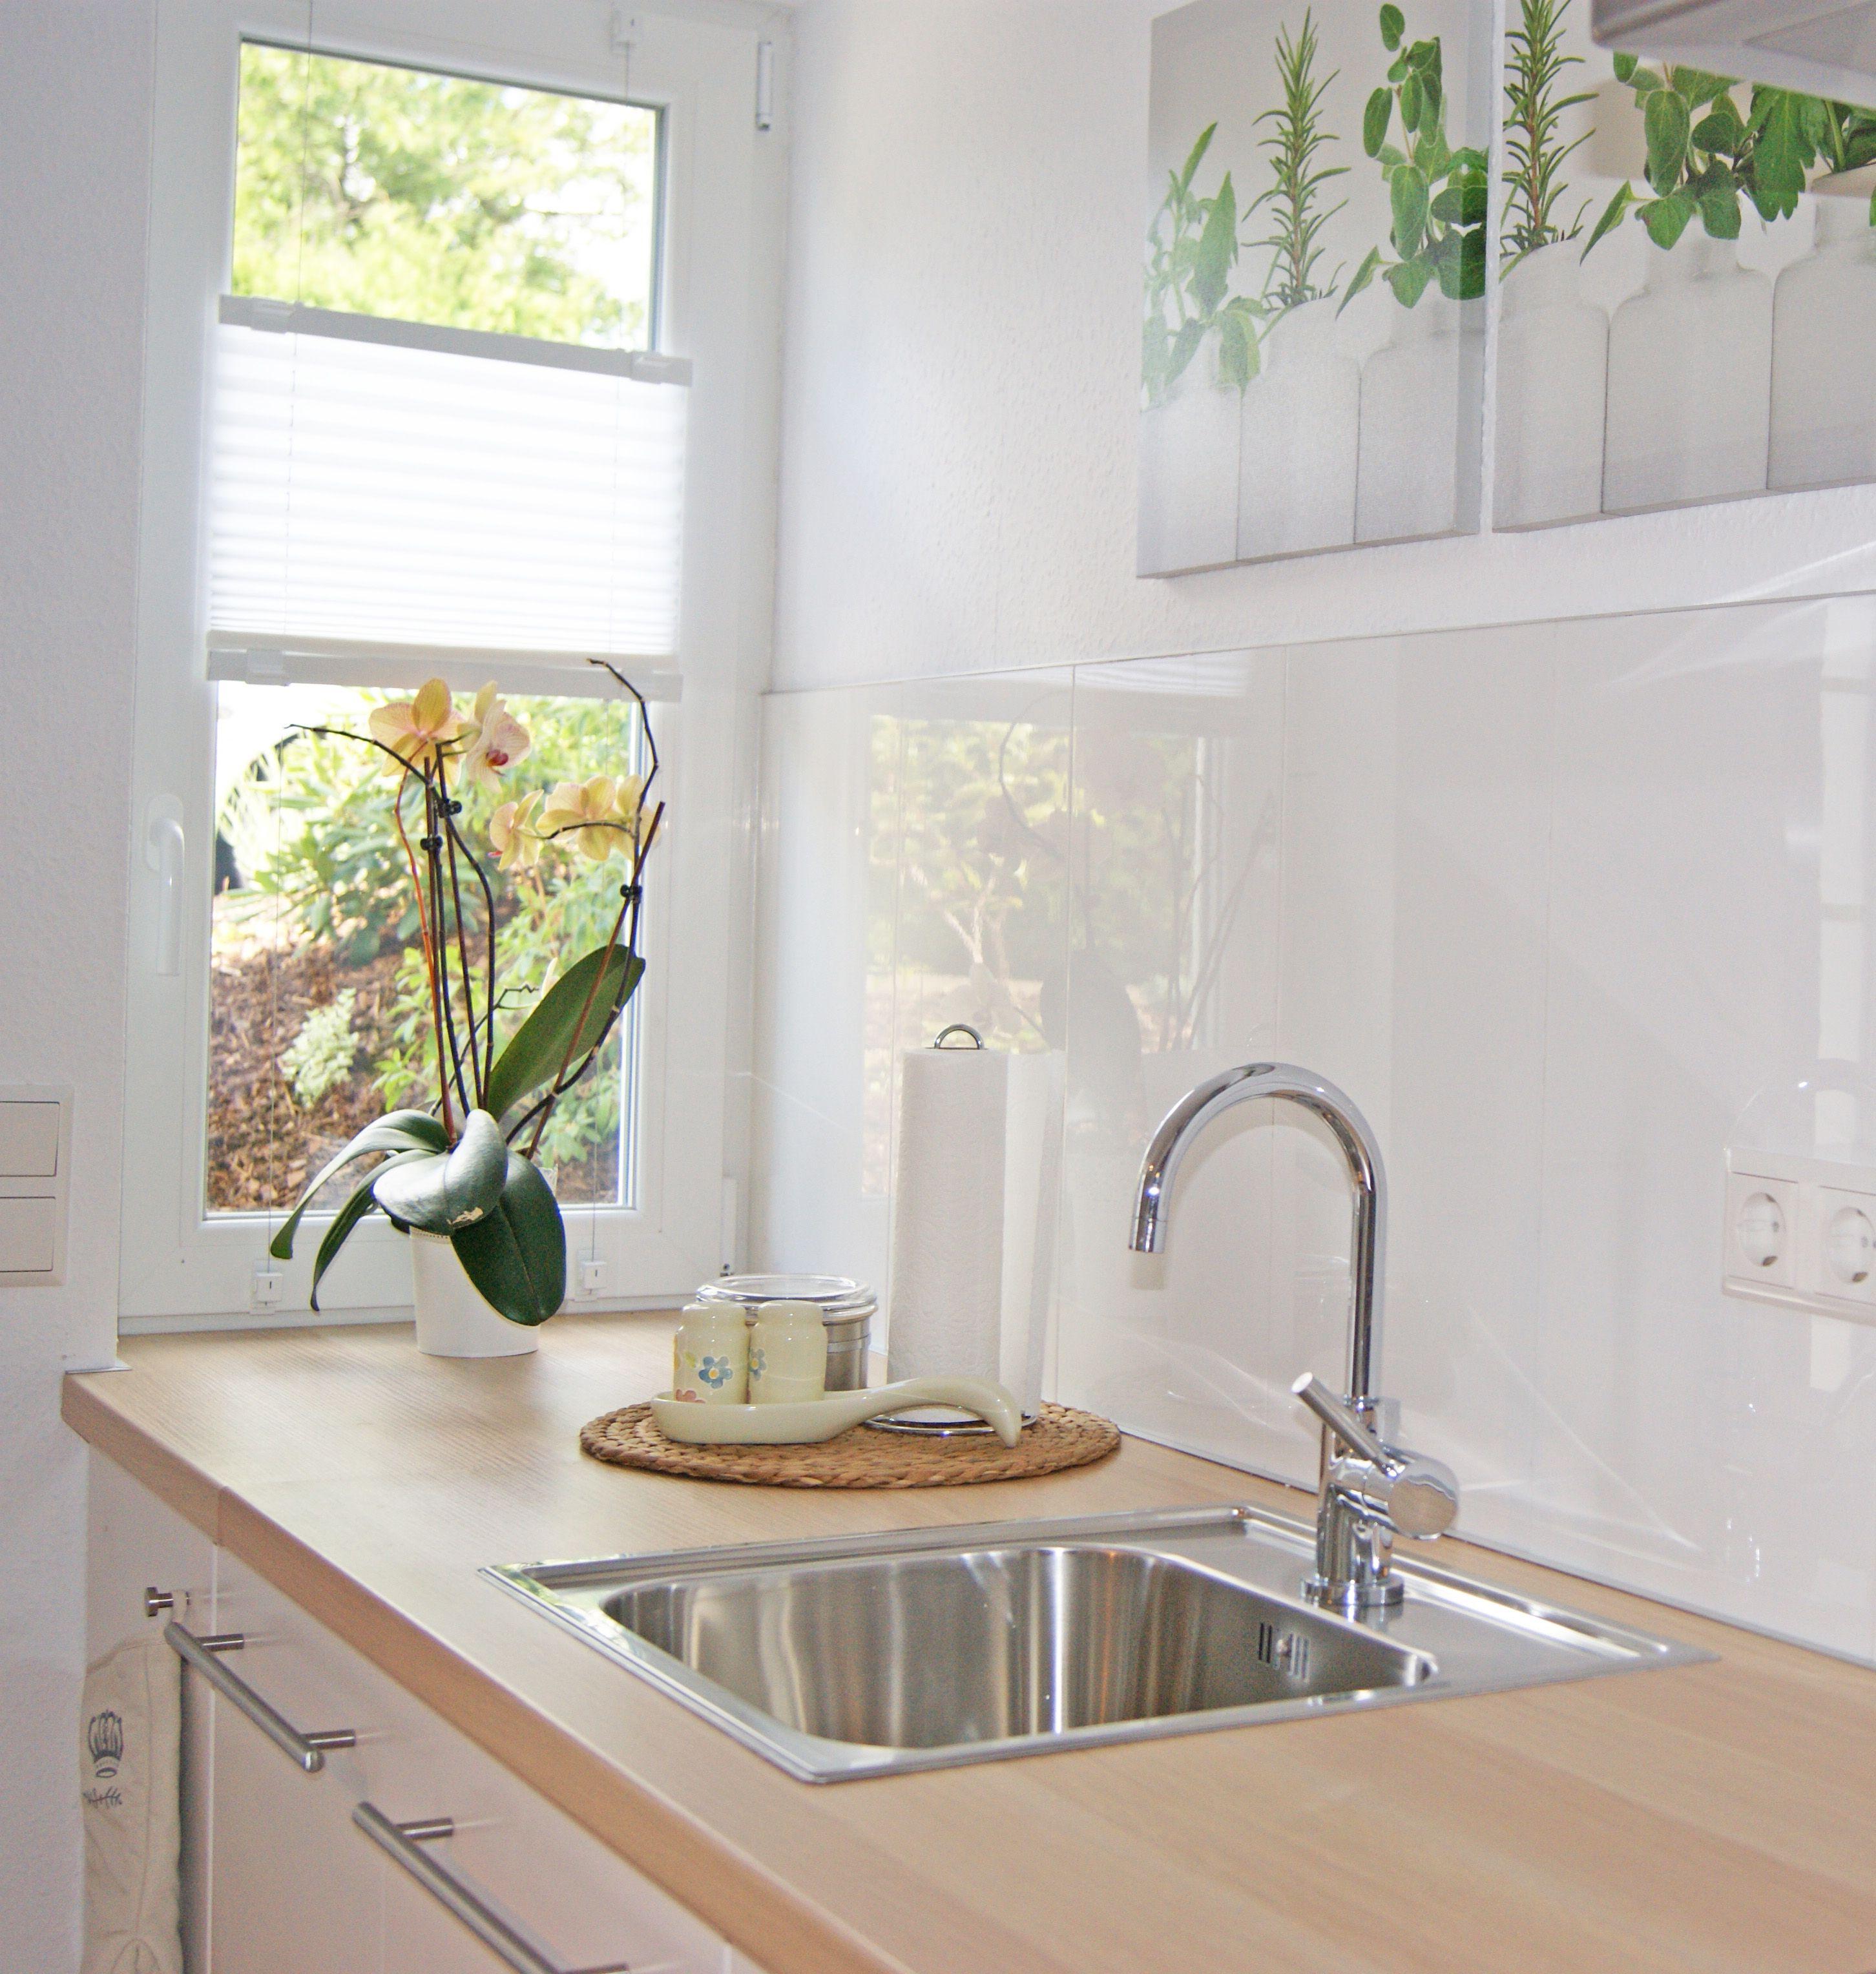 Plissee Küche plissee küche weiß macht euer zuhause schöner mit unseren plissees